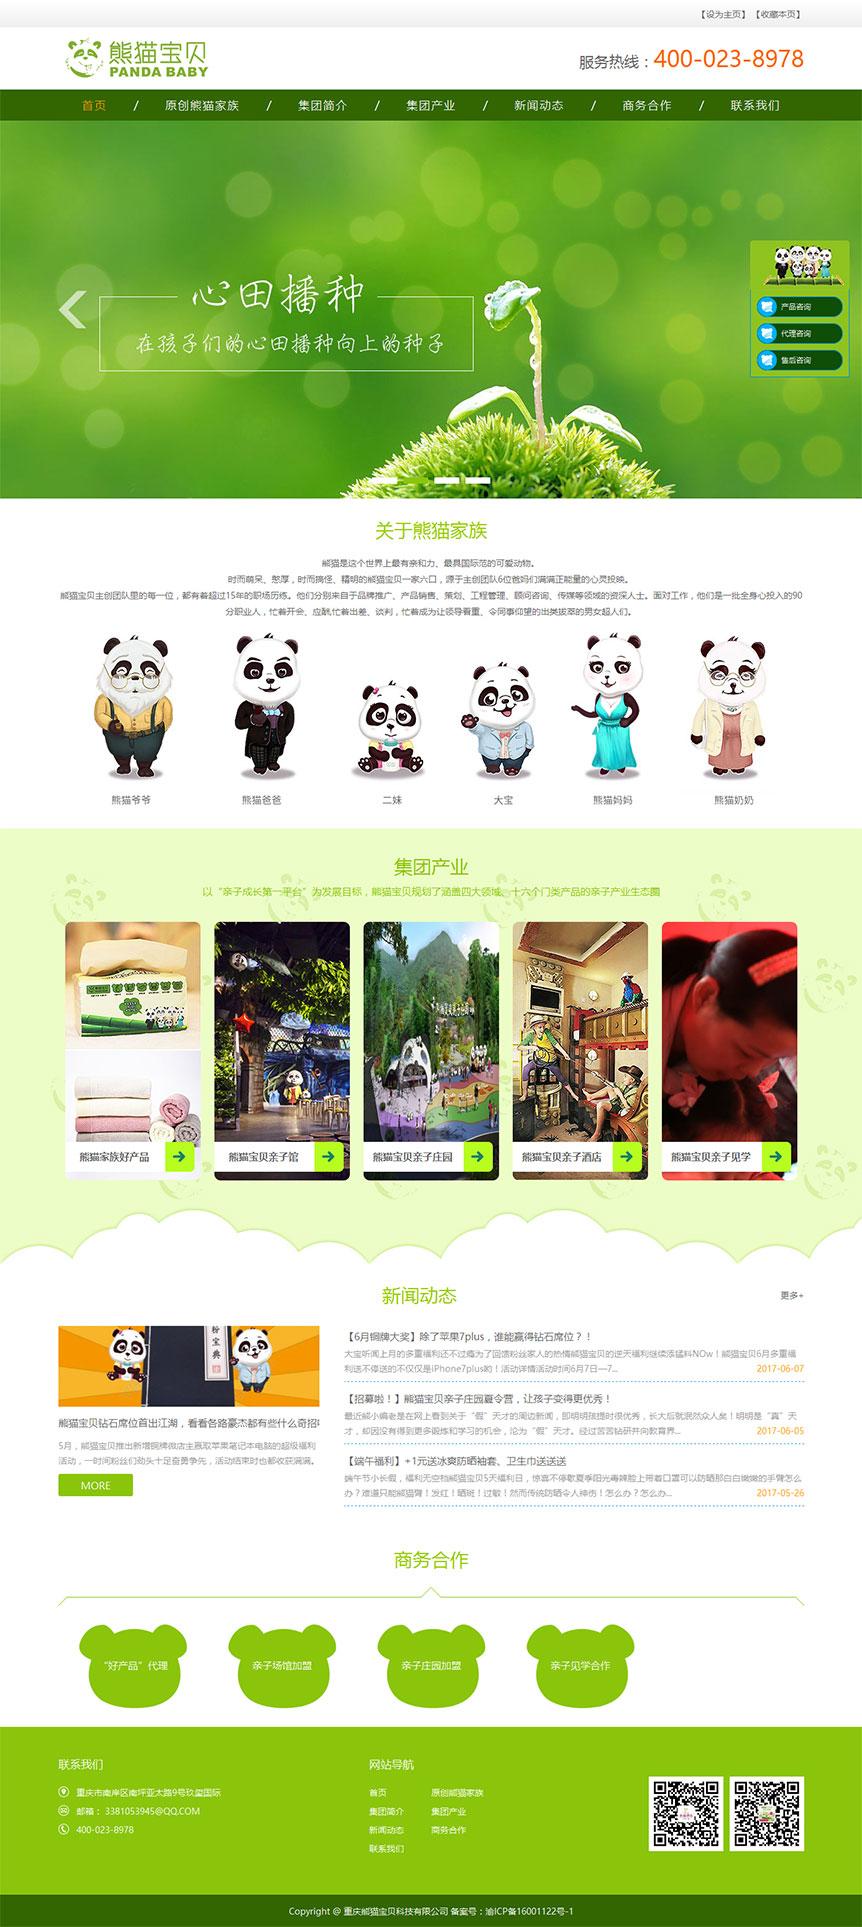 熊猫宝贝亲子产业网站截图